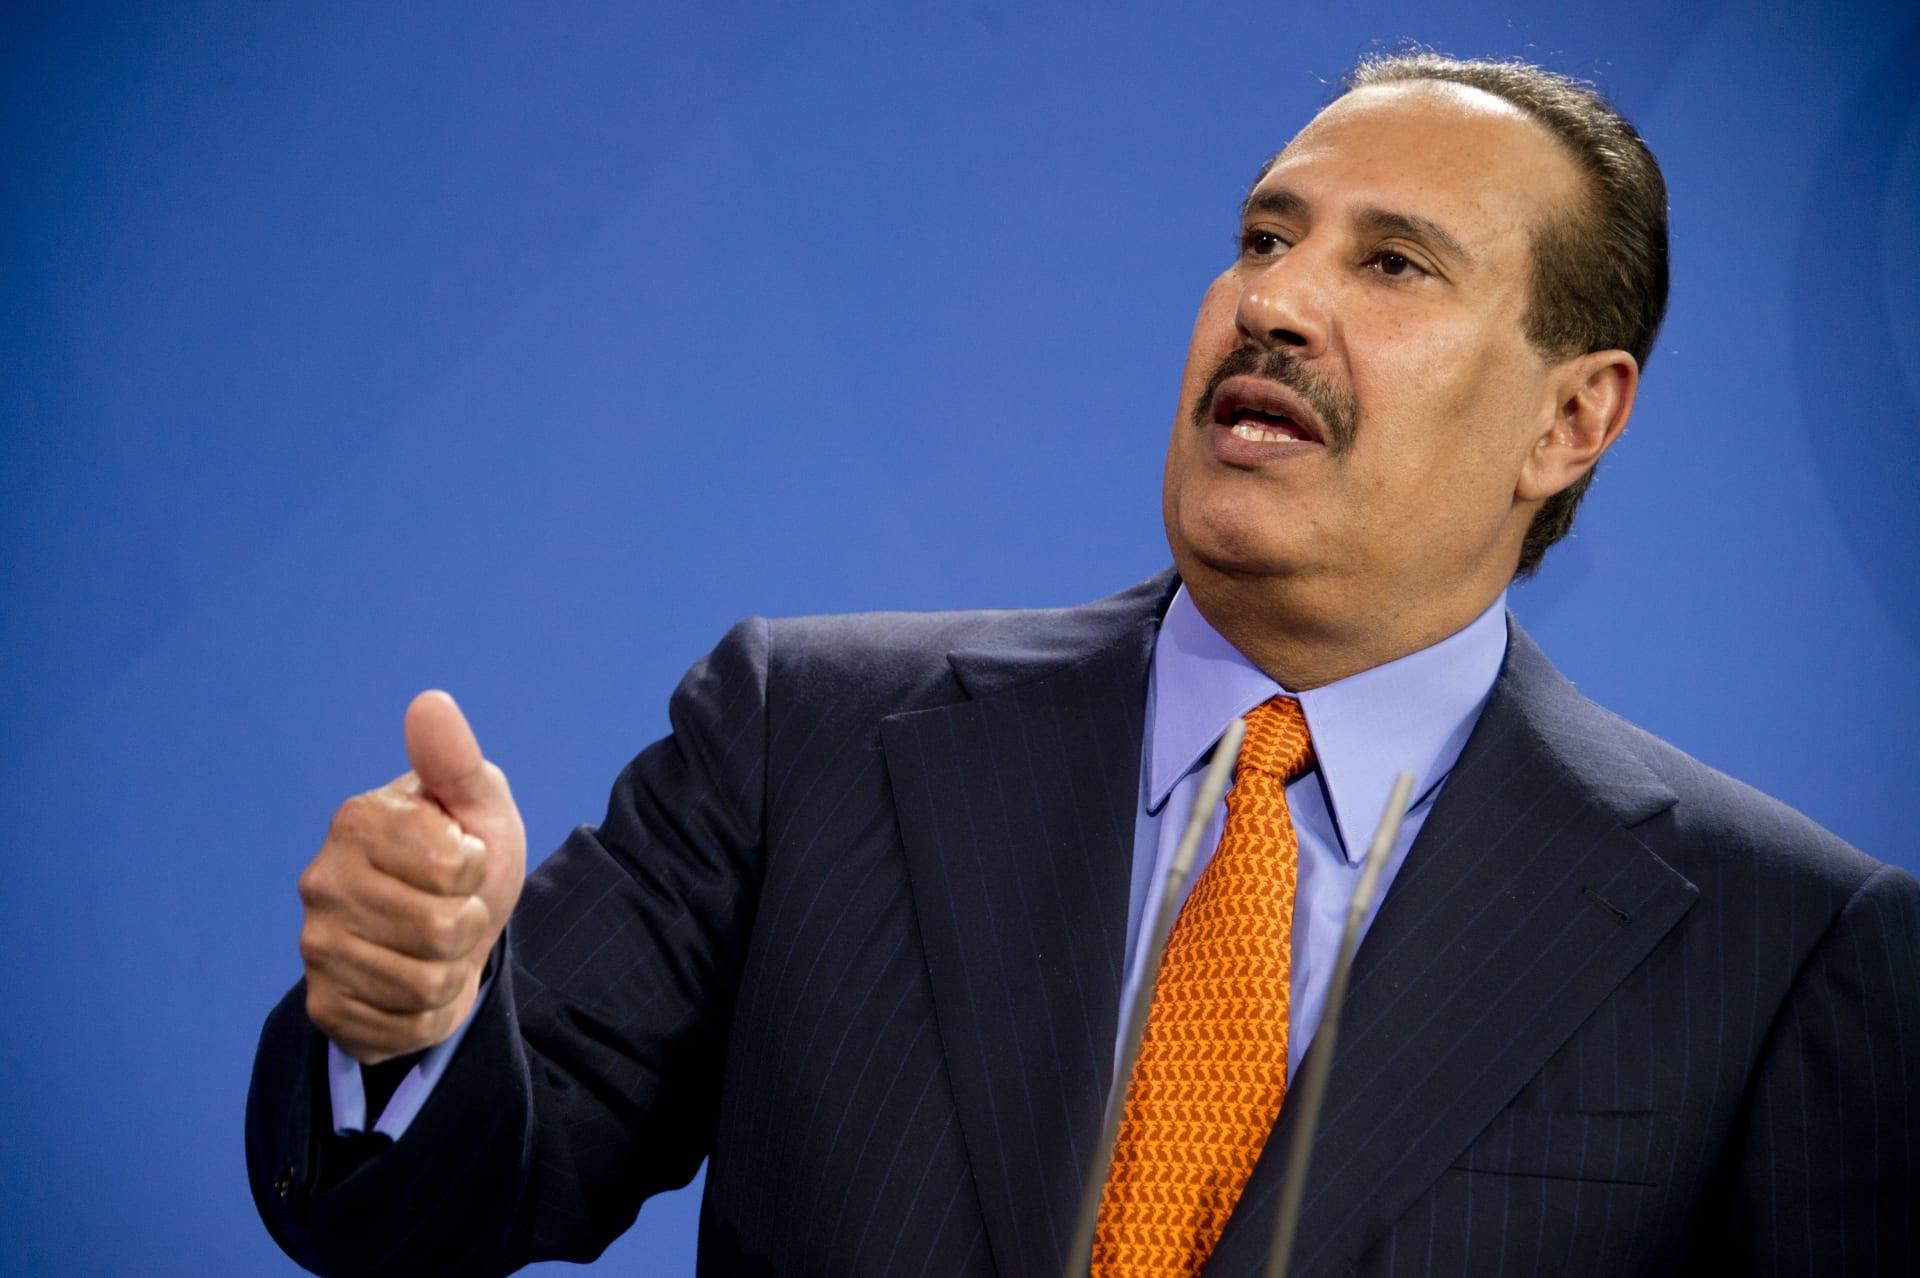 حمد بن جاسم يُعلق على حكم العدل الدولية بشأن قضية إغلاق المجال الجوي